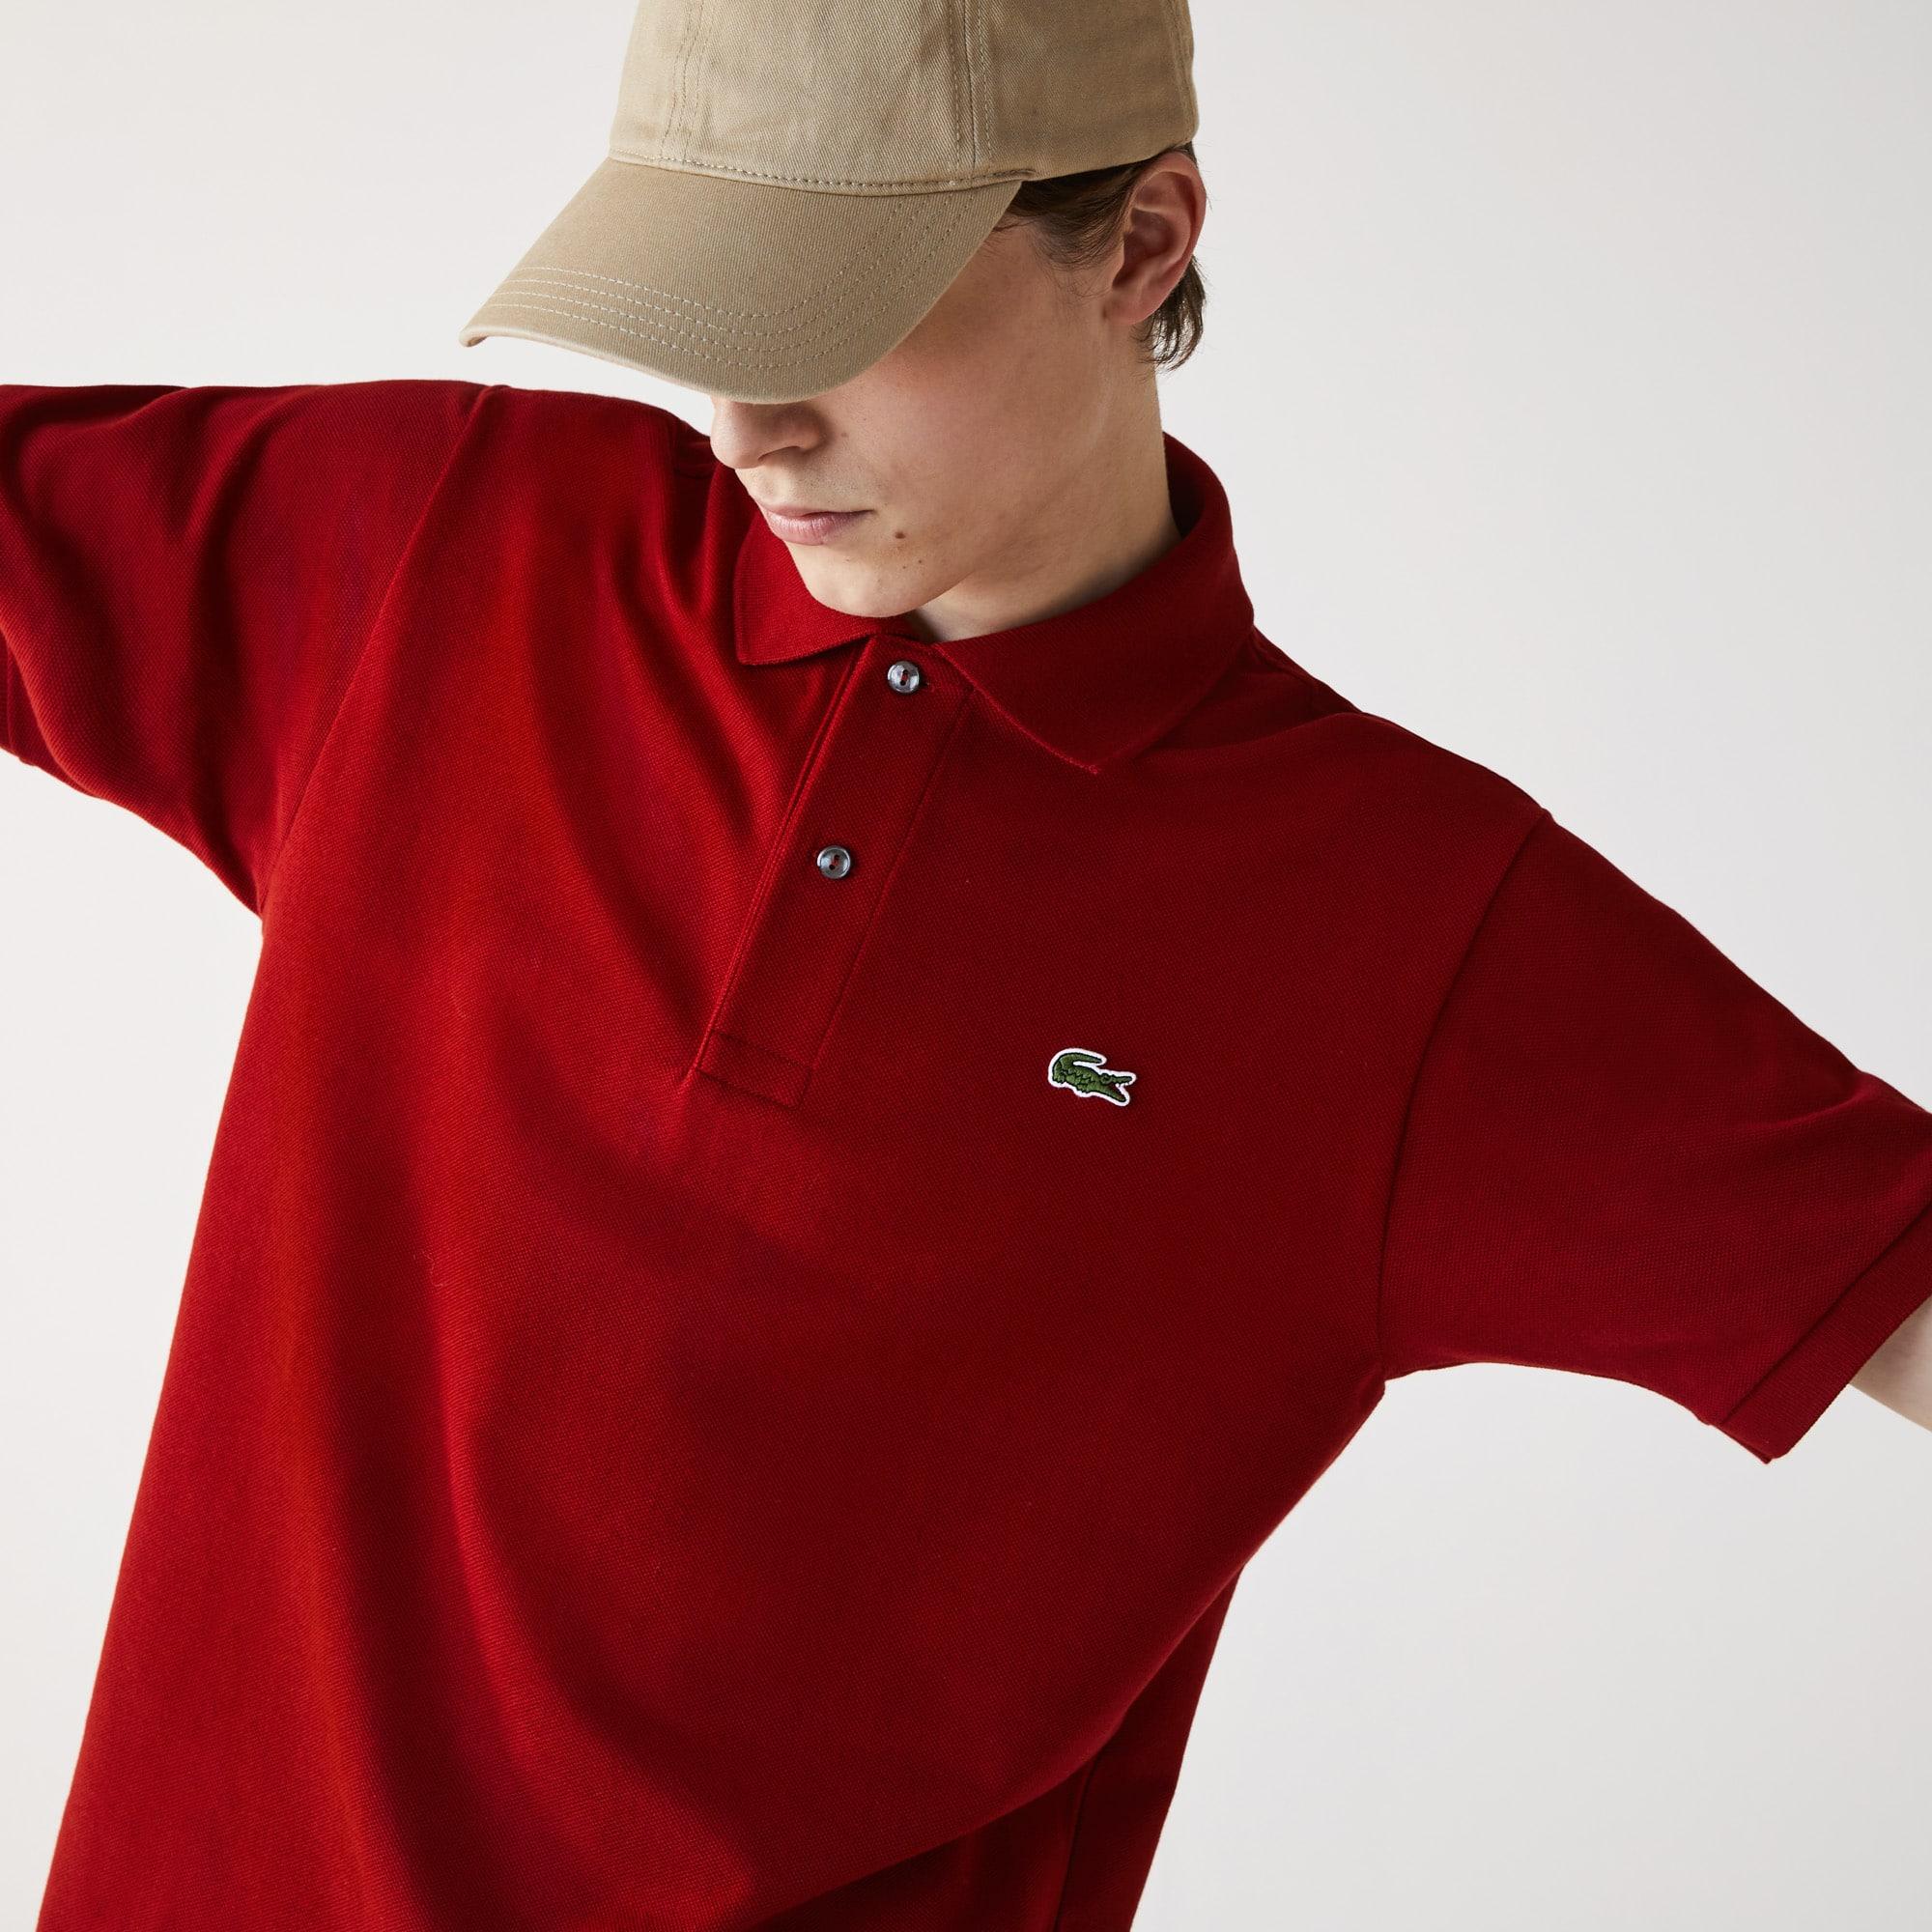 heiß-verkaufende Mode 60% Freigabe 2019 professionell Polos, Kleidung und Lederwaren Online | LACOSTE